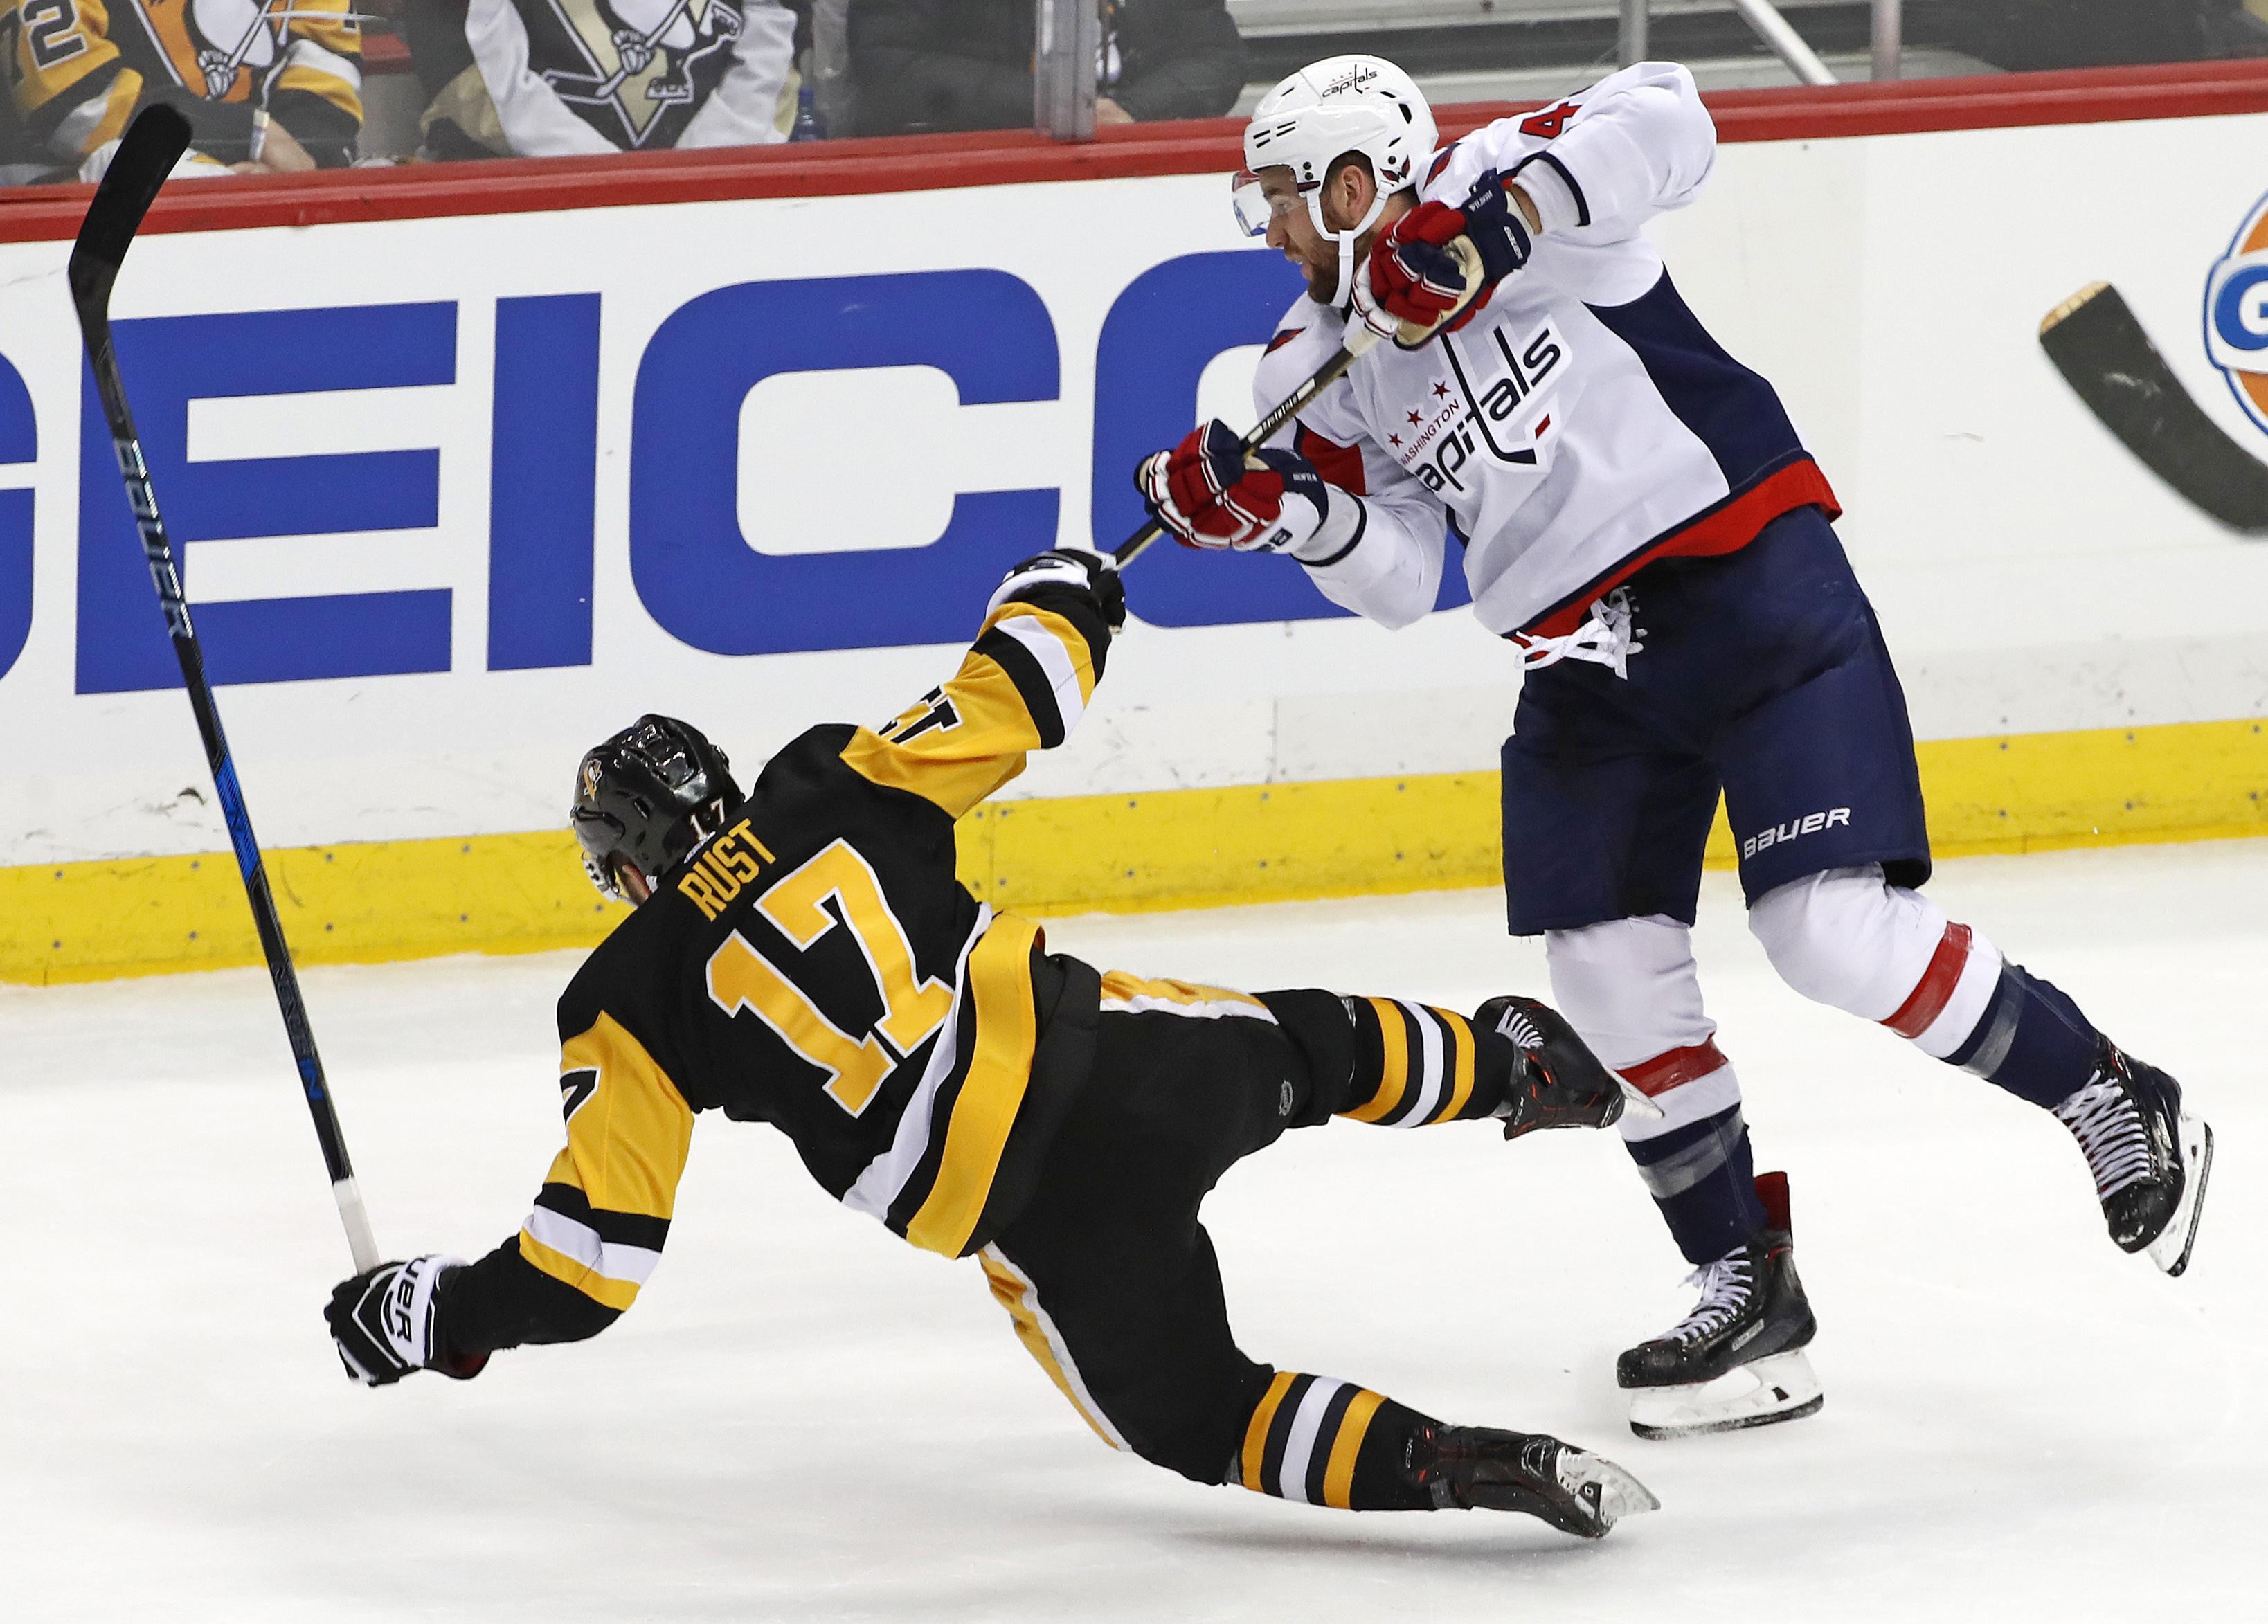 new arrivals 4c6d2 e9dbd NHL capsules: Capitals beat Penguins to clinch Metropolitan ...